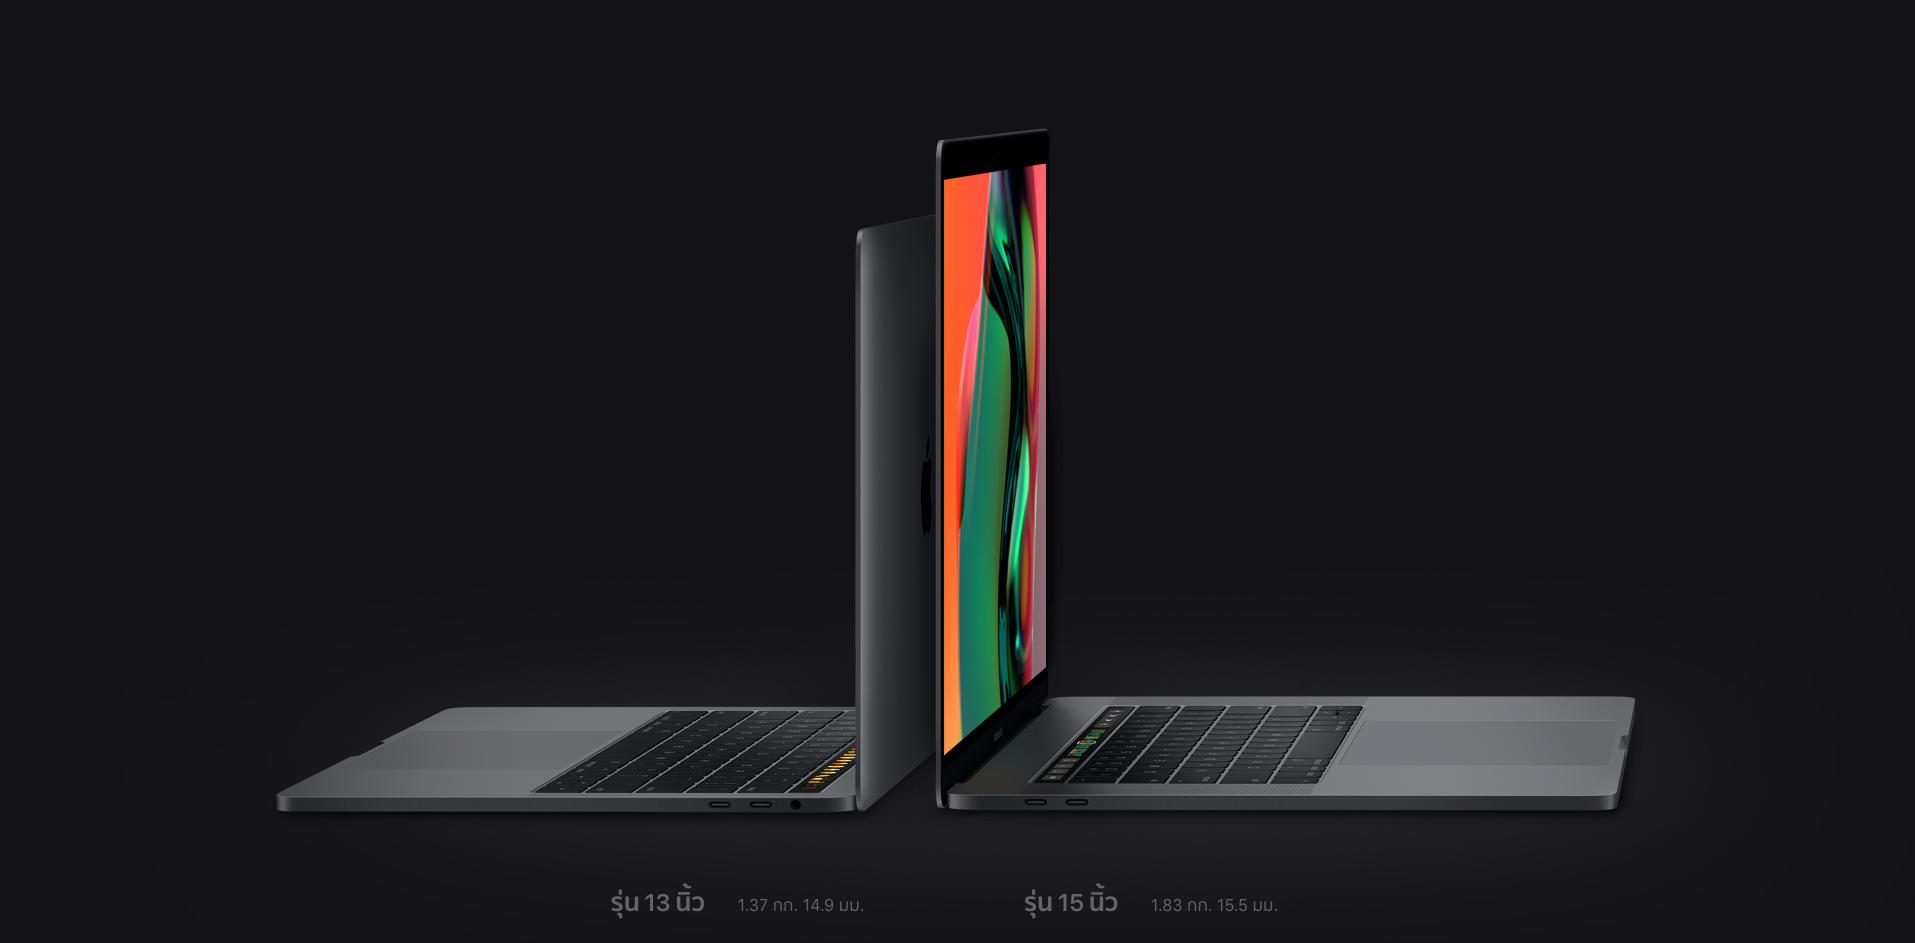 Macbook Pro รุ่น 13 นิ้ว และรุ่น 15 นิ้ว